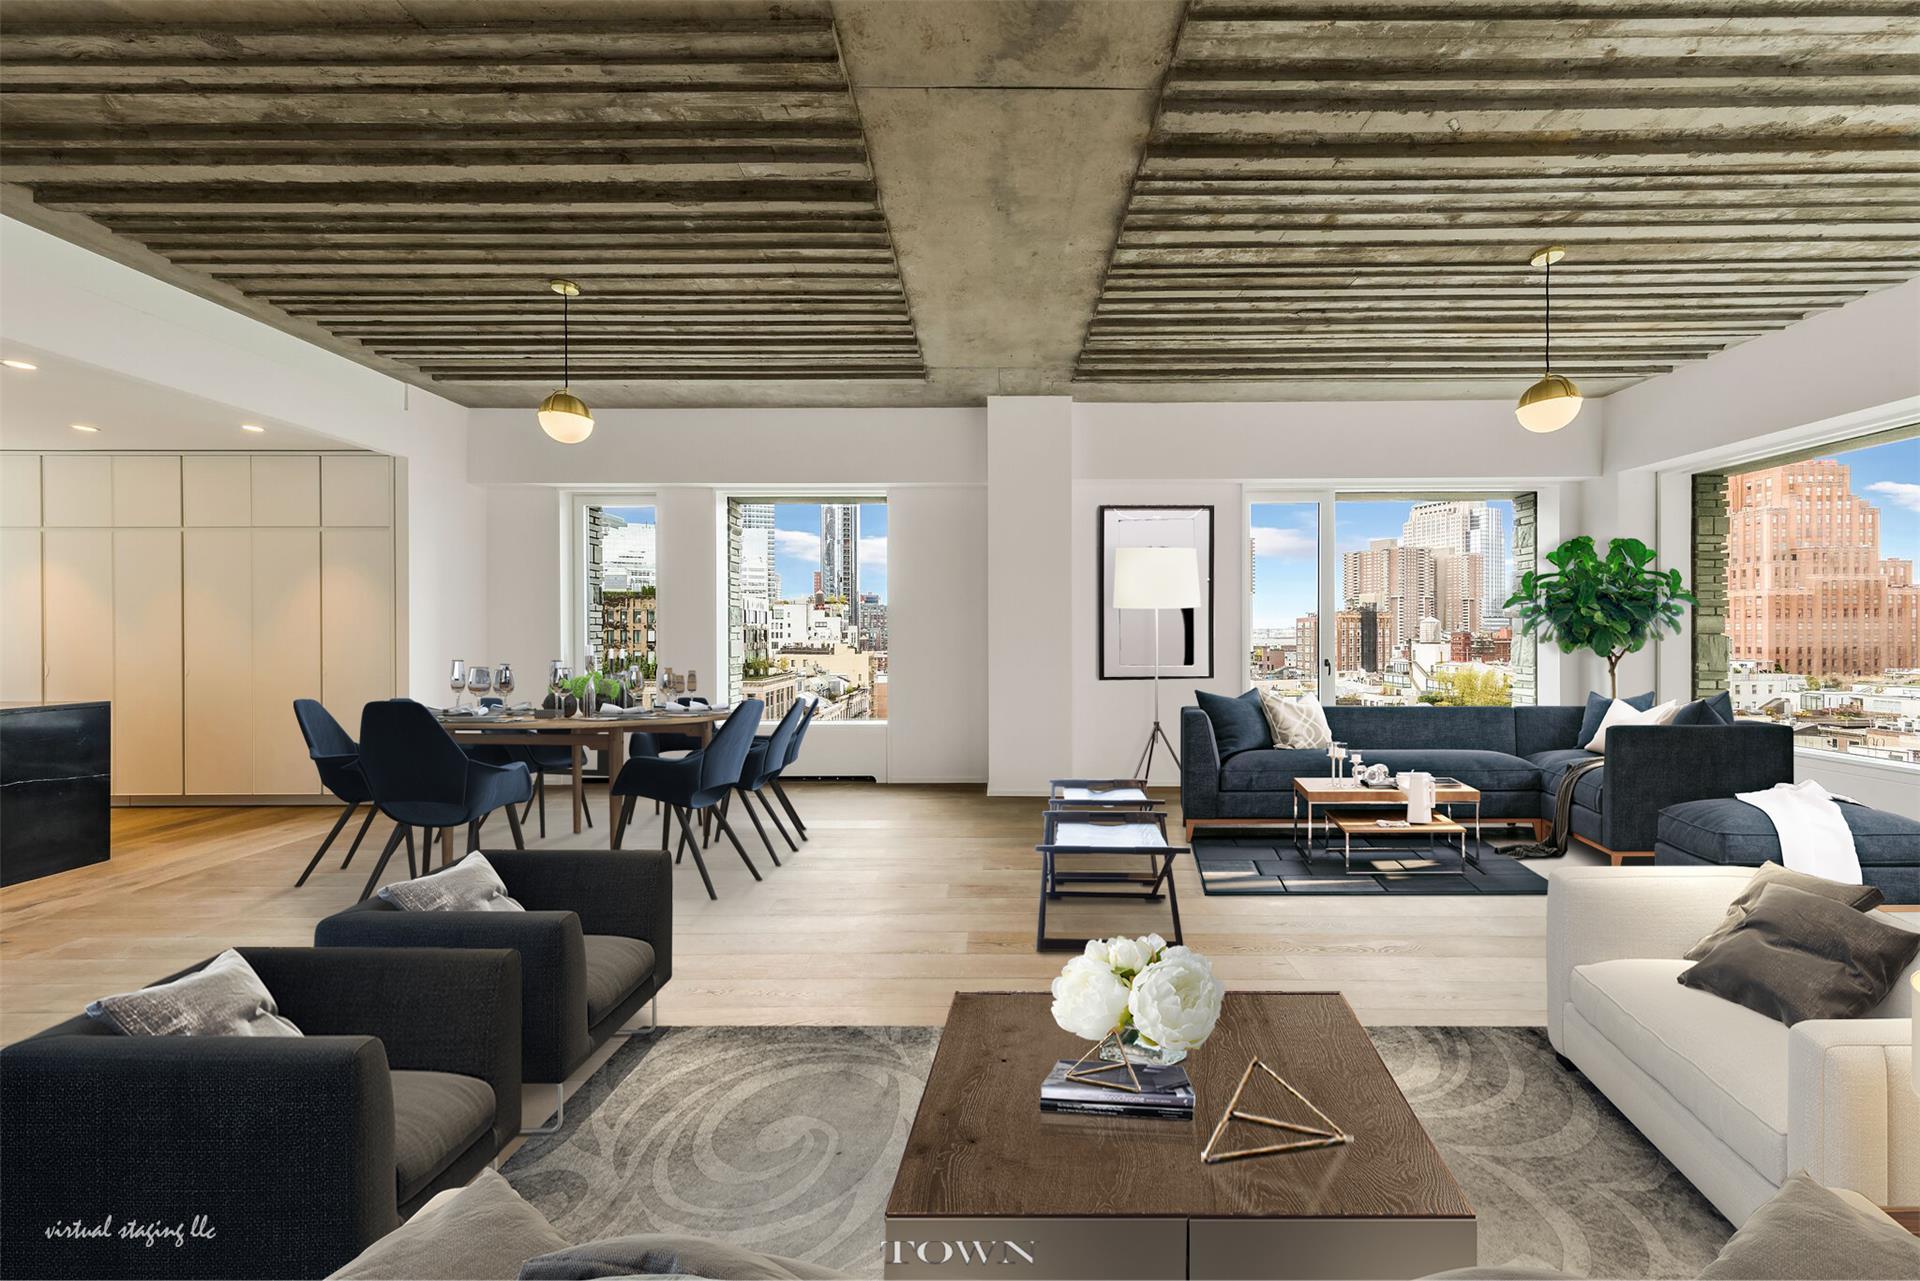 Condominium for Rent at 12 Warren, 12 Warren Street, #ph-A 12 Warren Street New York, New York 10013 United States